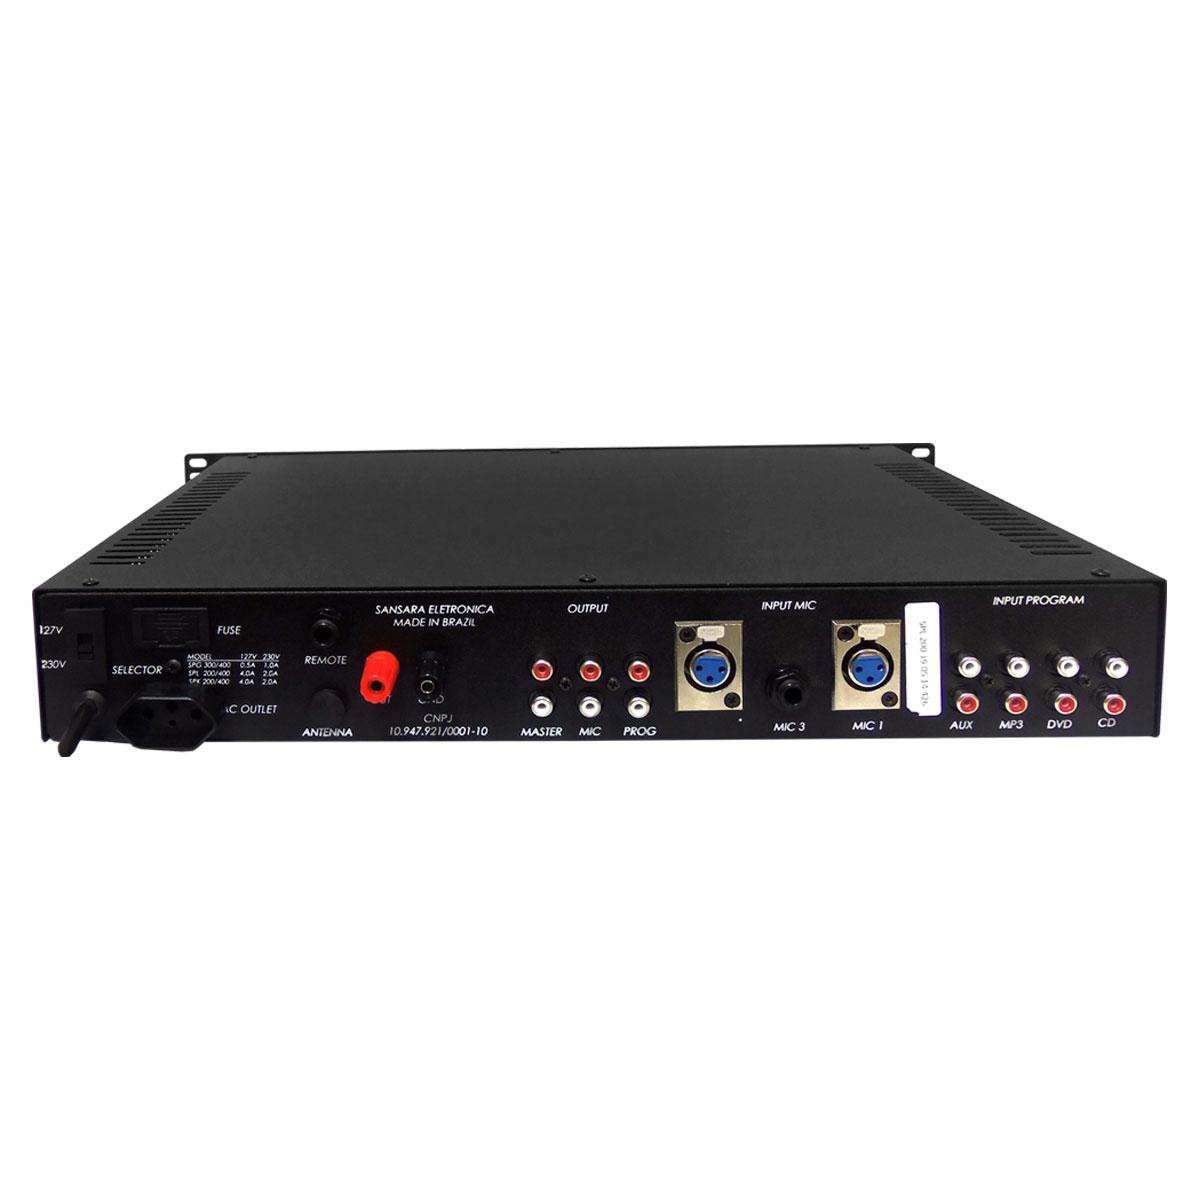 SPL200 - Pr� Amplificador Integrado c/ Amplificador de Linha 70.7V 200W SPL 200 - Sansara